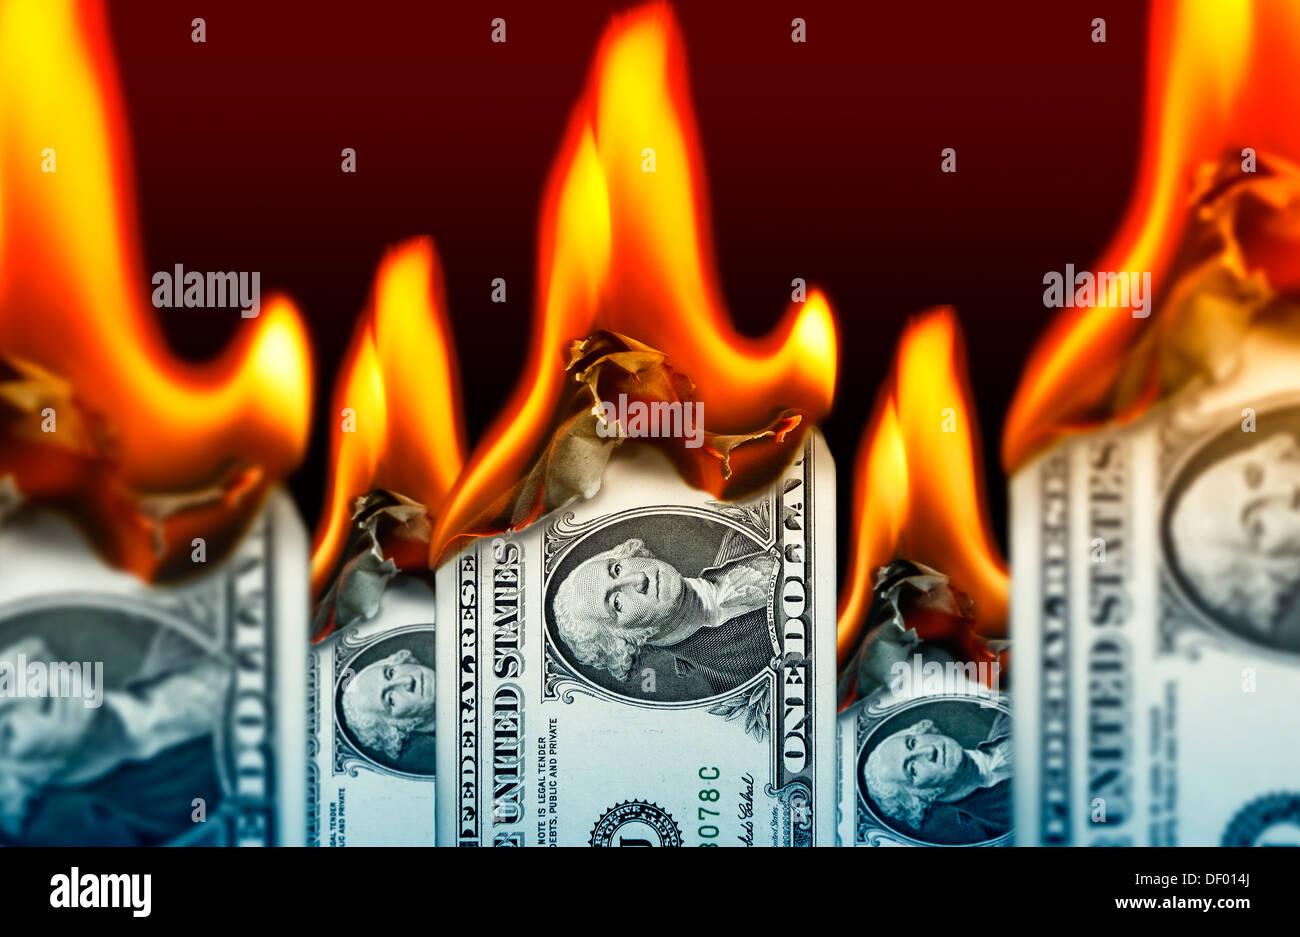 La masterizzazione di uno-fatture del dollaro, stato di indebitamento degli STATI UNITI D'AMERICA, Brennende Ein-Dollar-Scheine, Staatsverschuldung der USA Immagini Stock